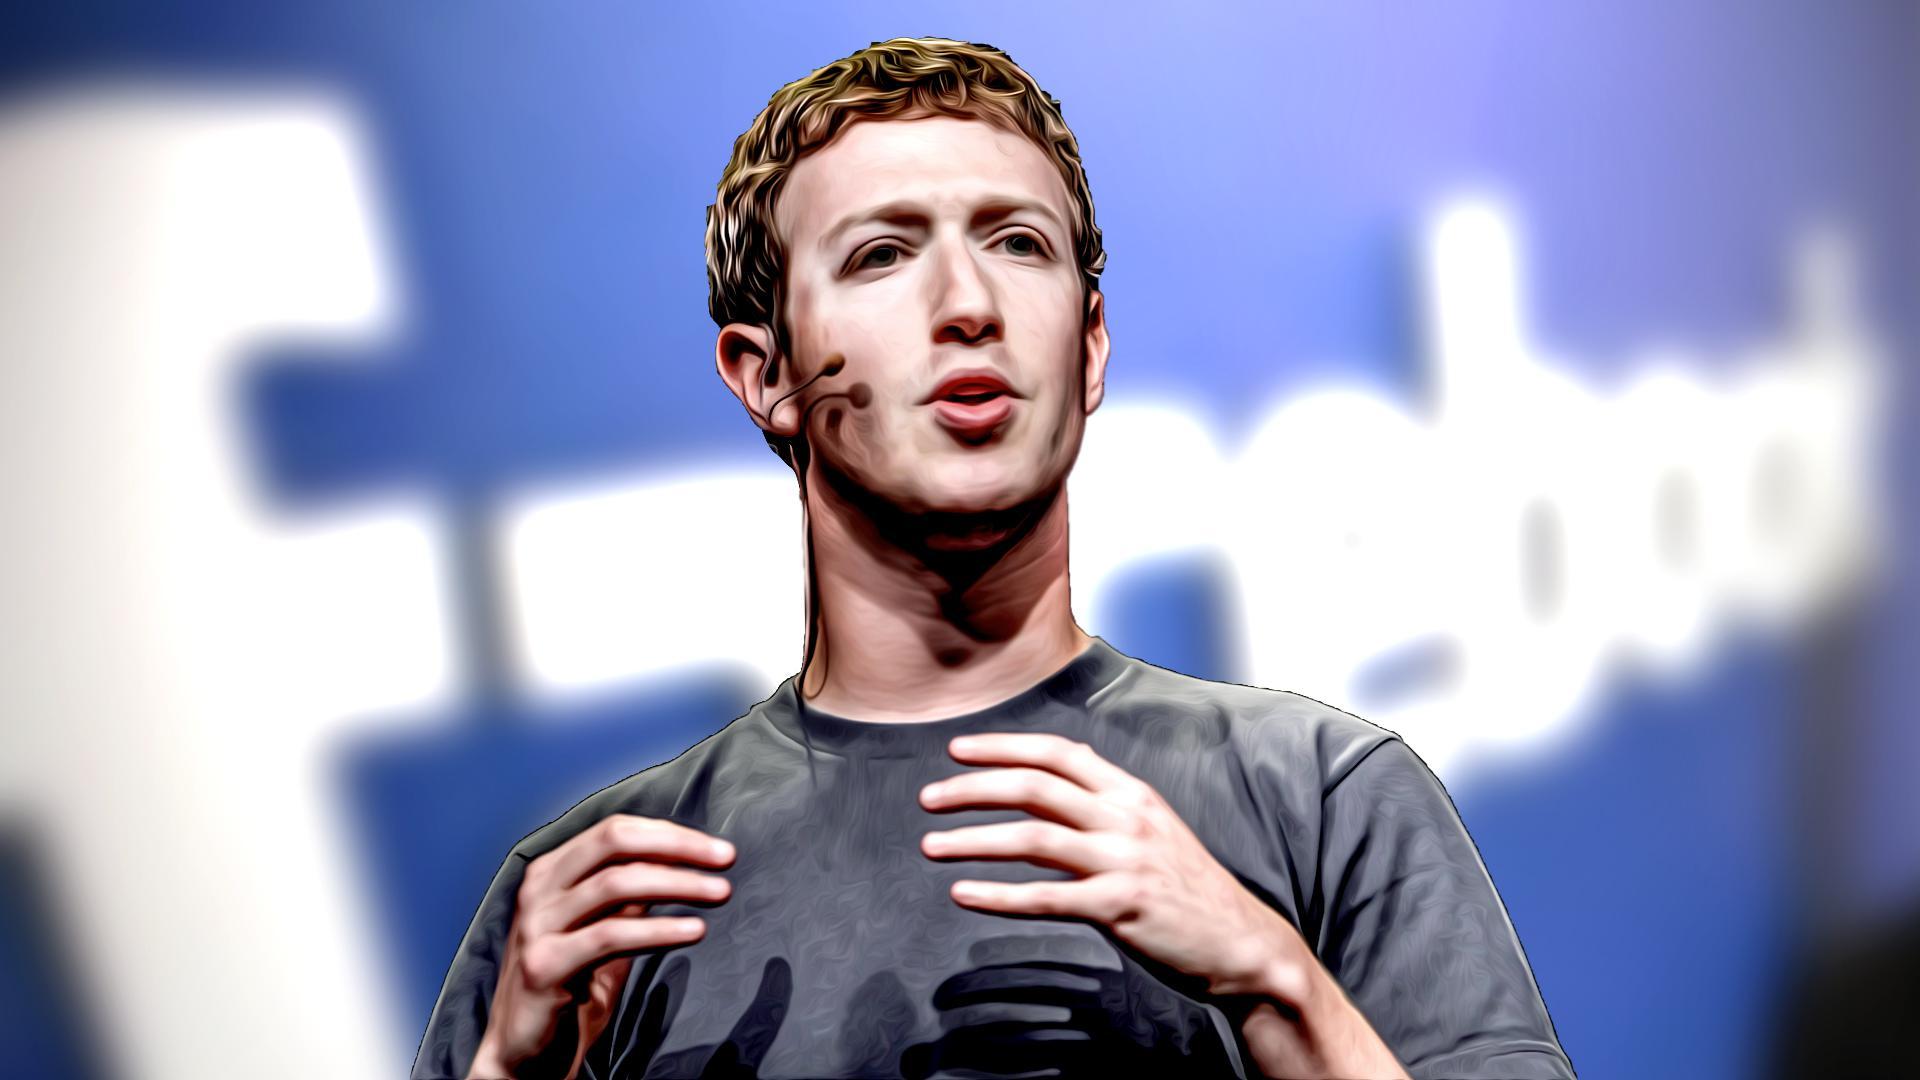 小扎近日抛售178万FB股票 套现约2.4亿美元